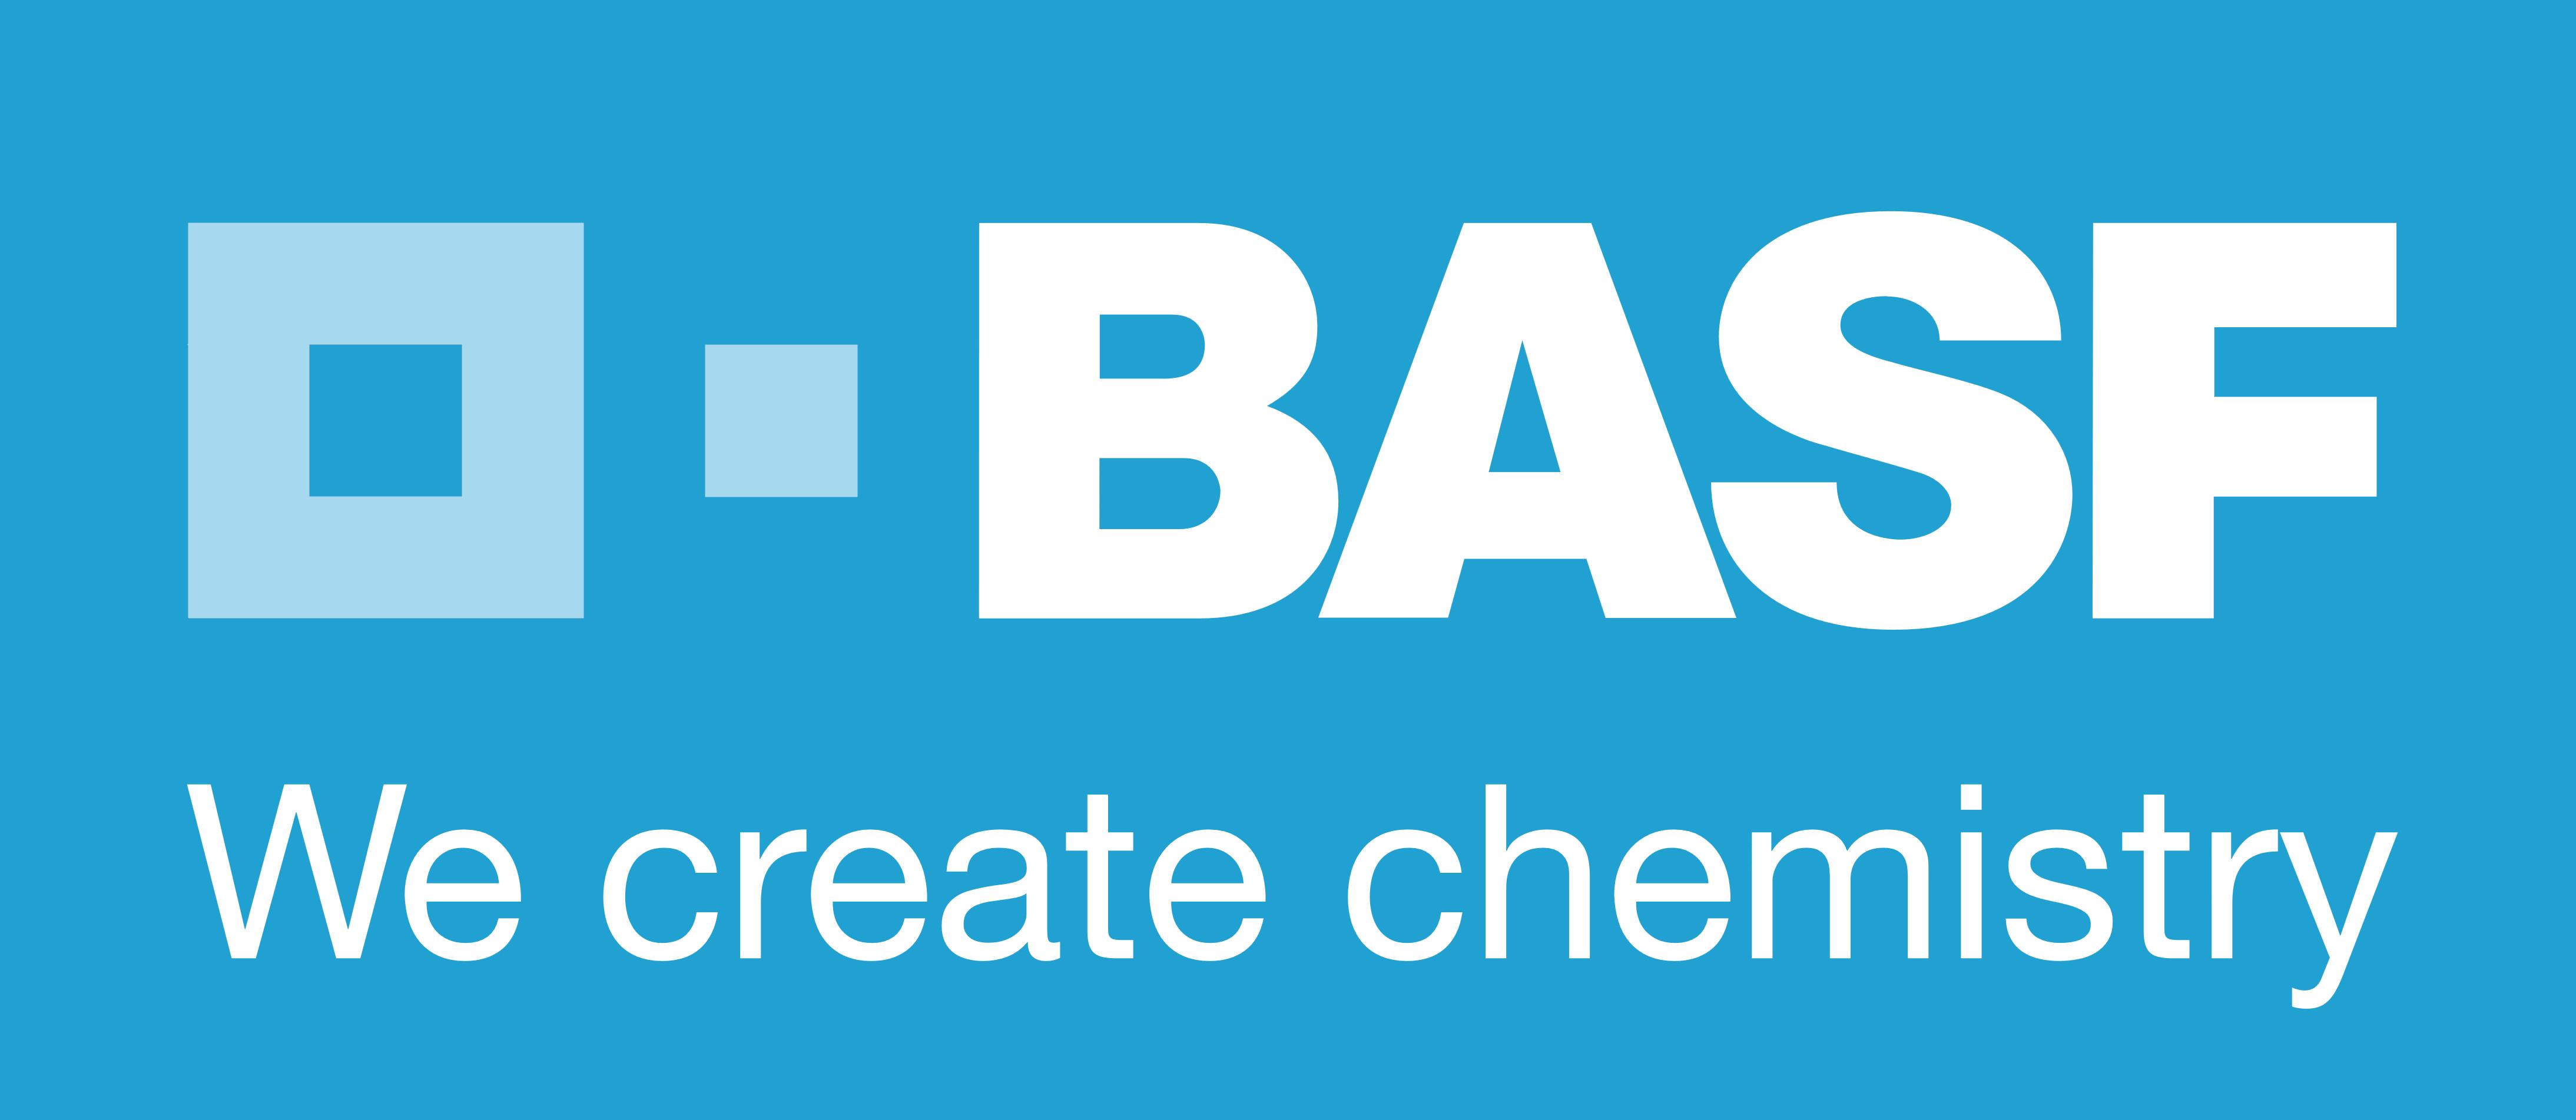 BASF Logo Wallpaper